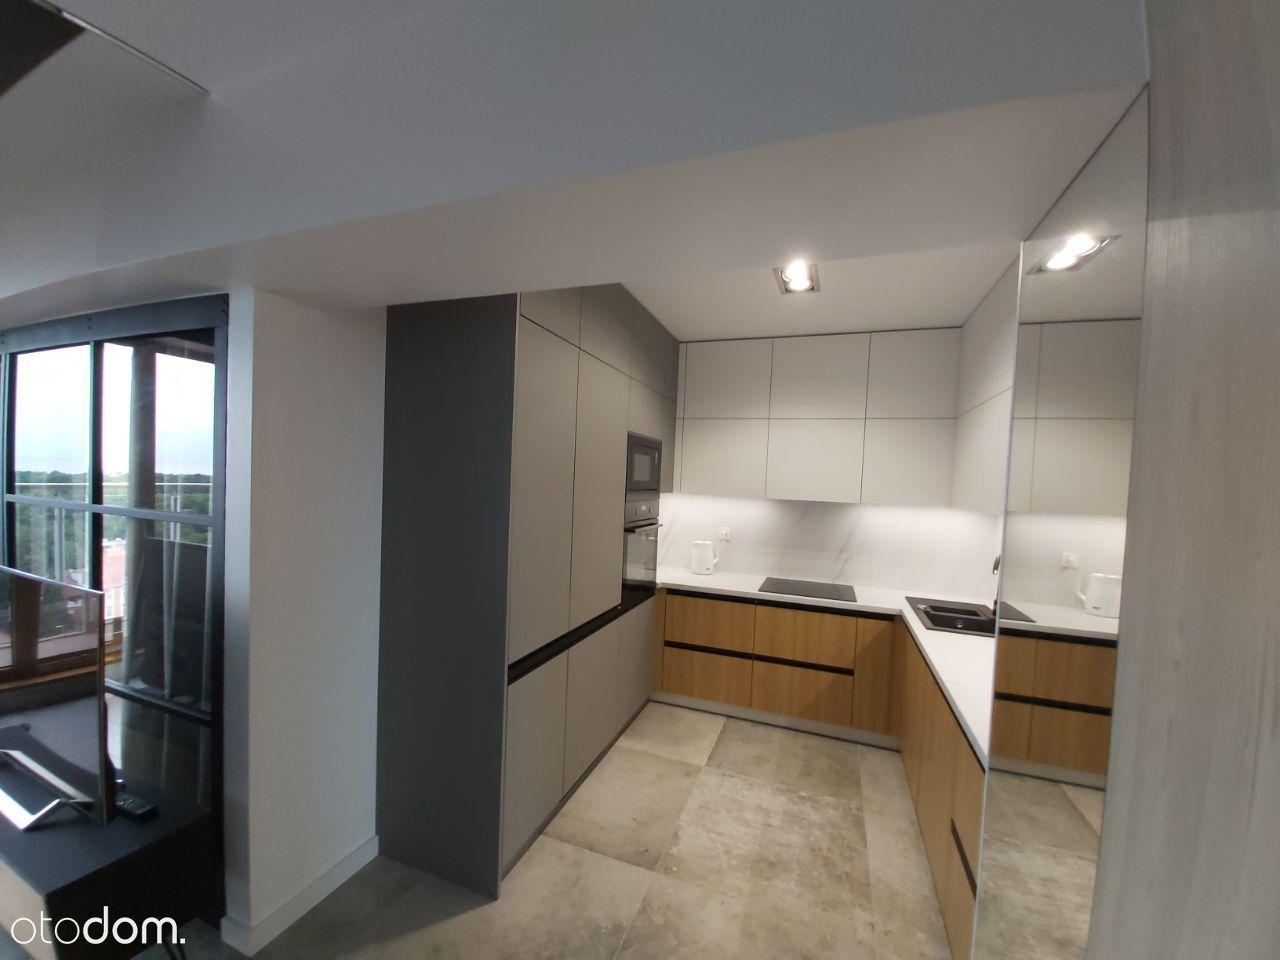 Apartament z widokiem na morze Świnoujście Premium